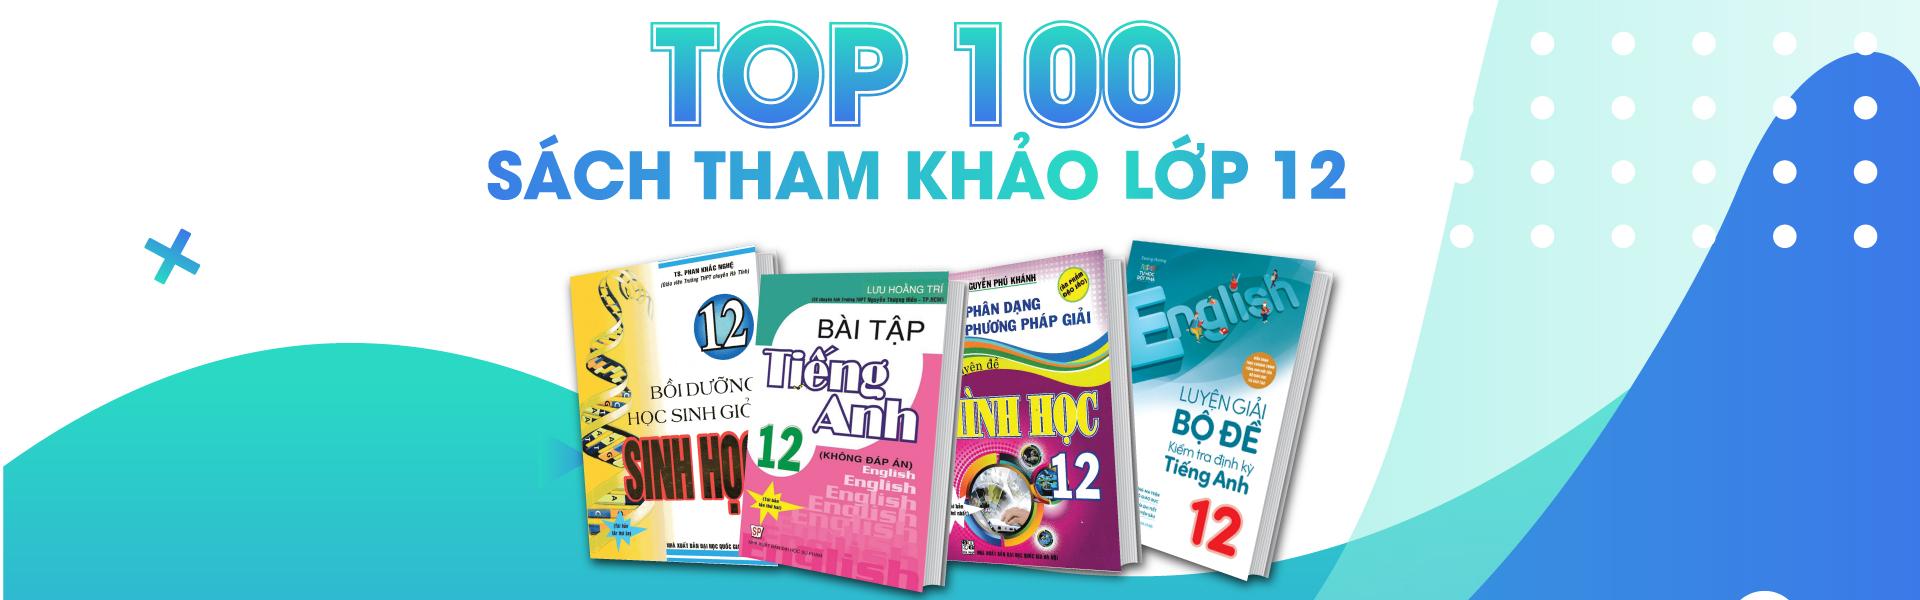 BEST SELLER - 100 Cuốn Sách Tham Khảo Lớp 12 Nhất Định Phải Mua Để Bứt Phá Ngoạn Mục Điểm Số Cuối Cấp